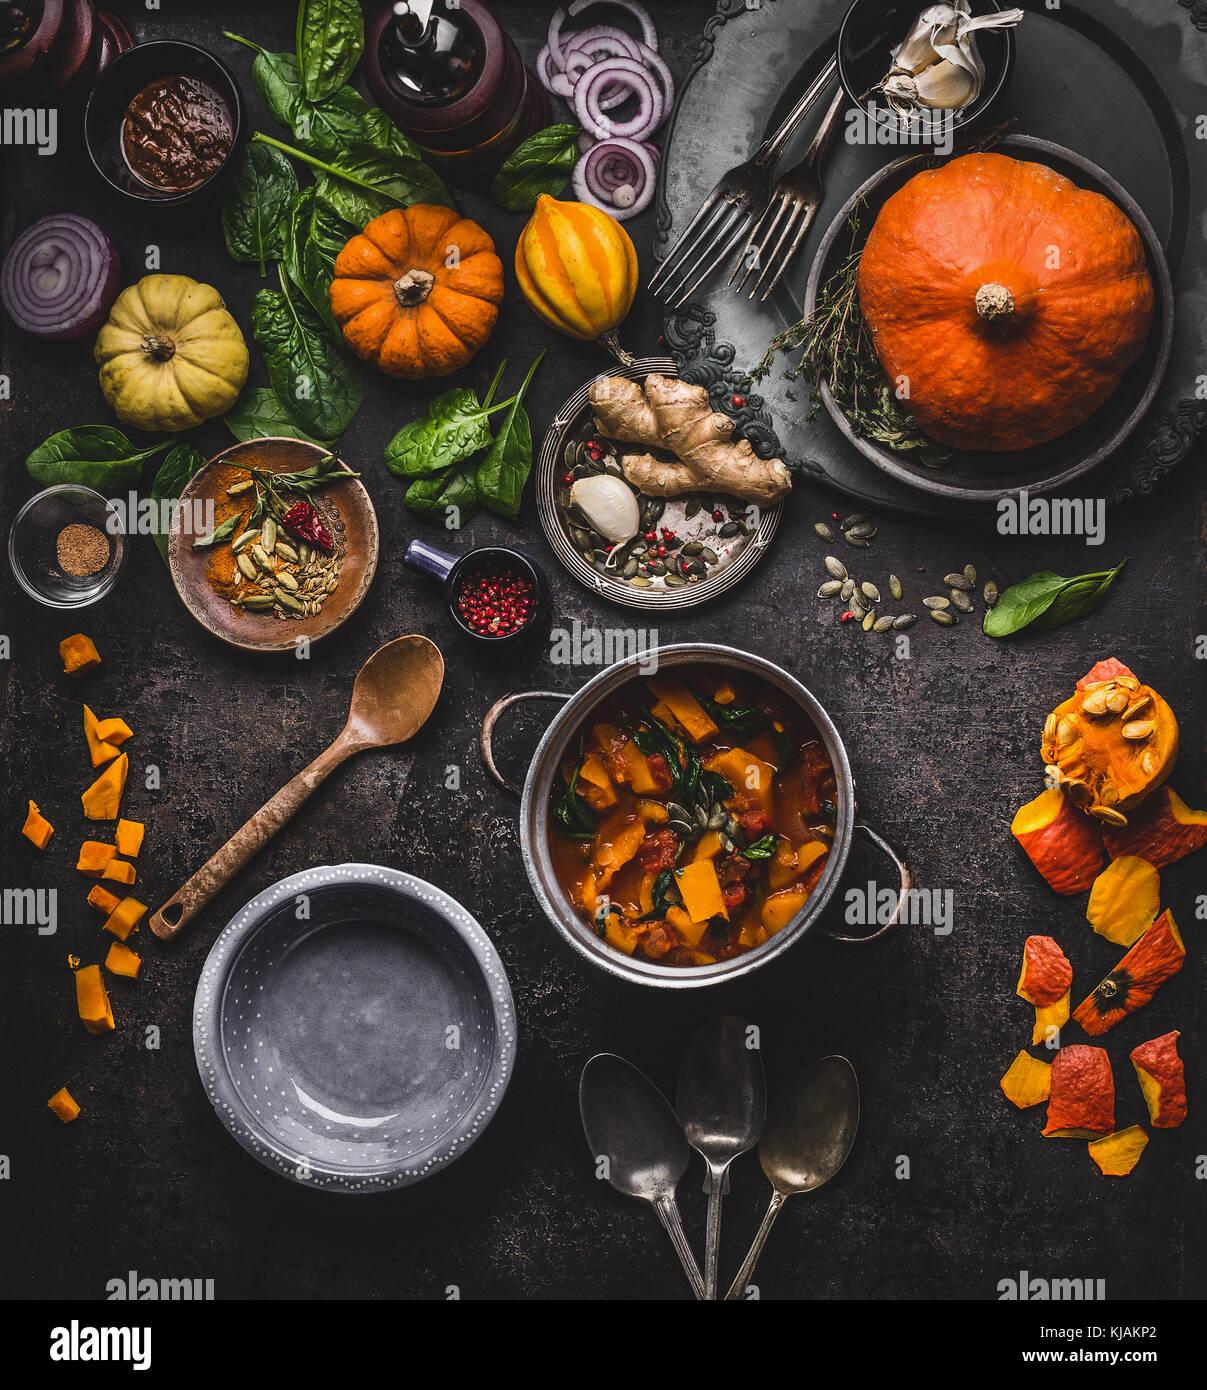 herbst und winter kochen und essen mit k rbis gerichte vegetarischen eintopf in kochtopf mit. Black Bedroom Furniture Sets. Home Design Ideas